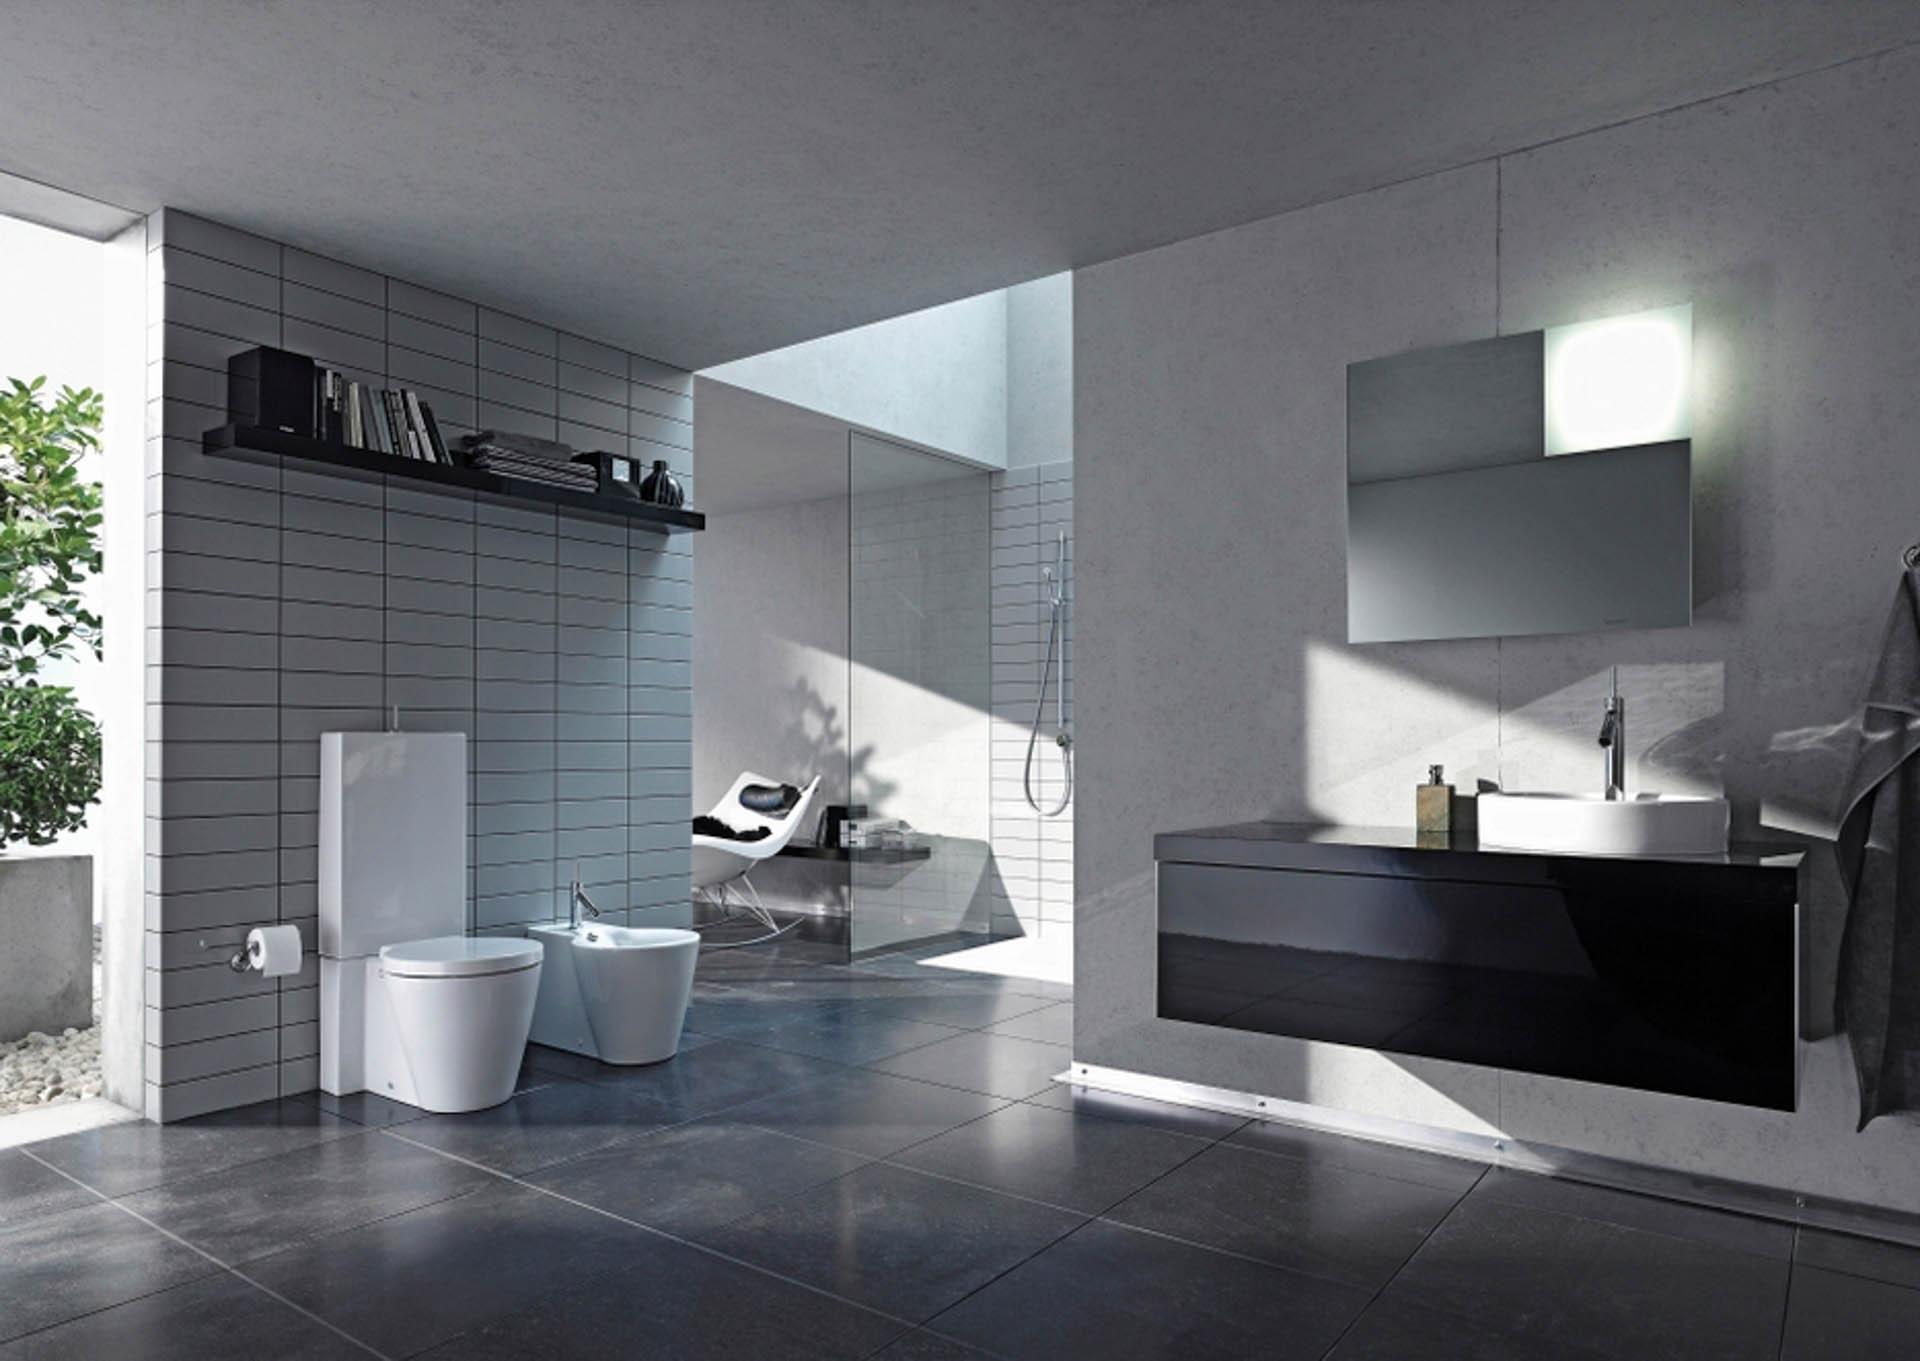 duravit starck1 orsolini. Black Bedroom Furniture Sets. Home Design Ideas